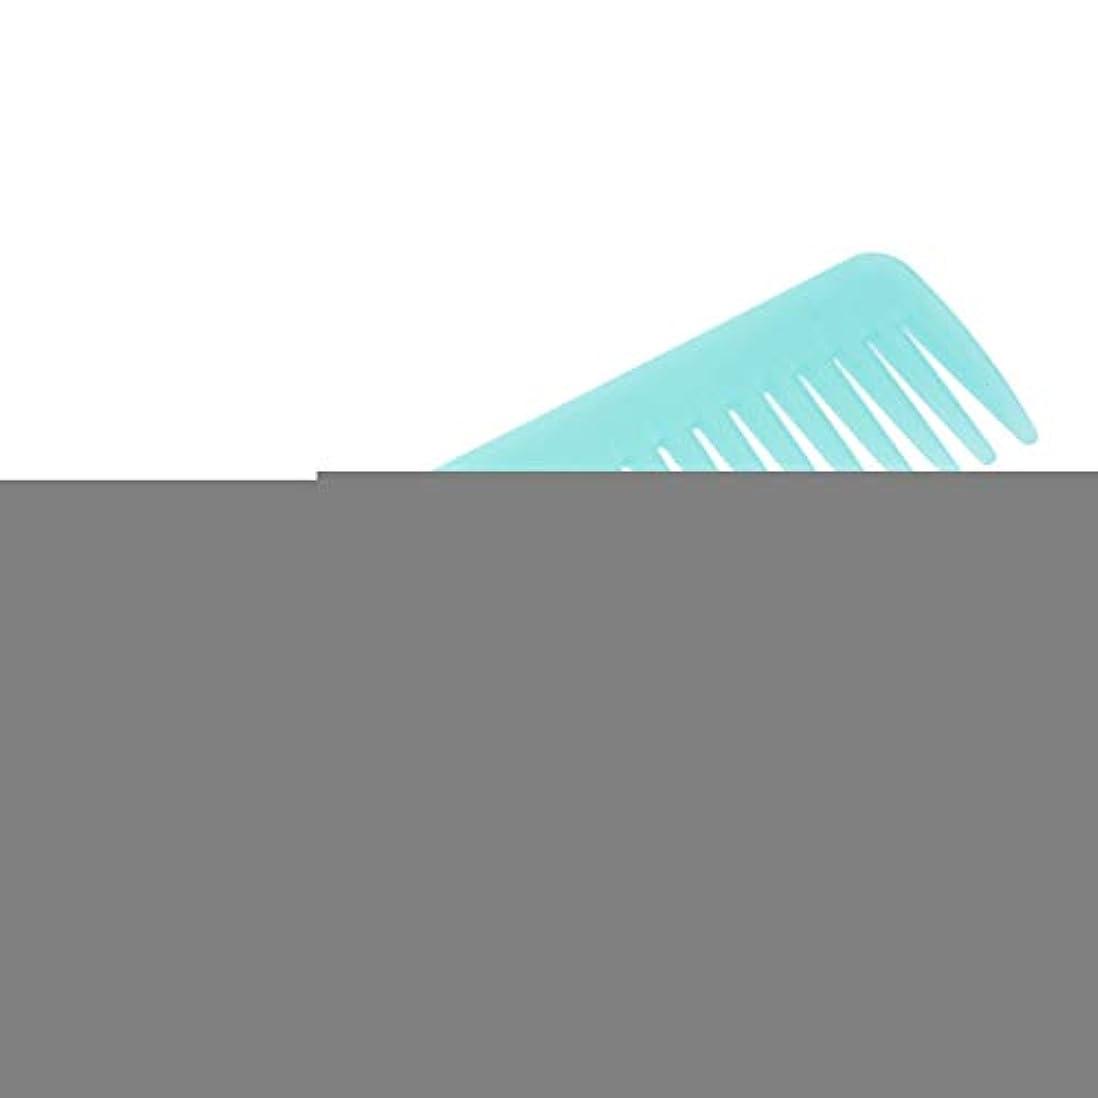 調整可能今後チャップT TOOYFUL プロの髪のくしゃくしゃヘアーコンディションの櫛幅のあるヘアブラシ - A